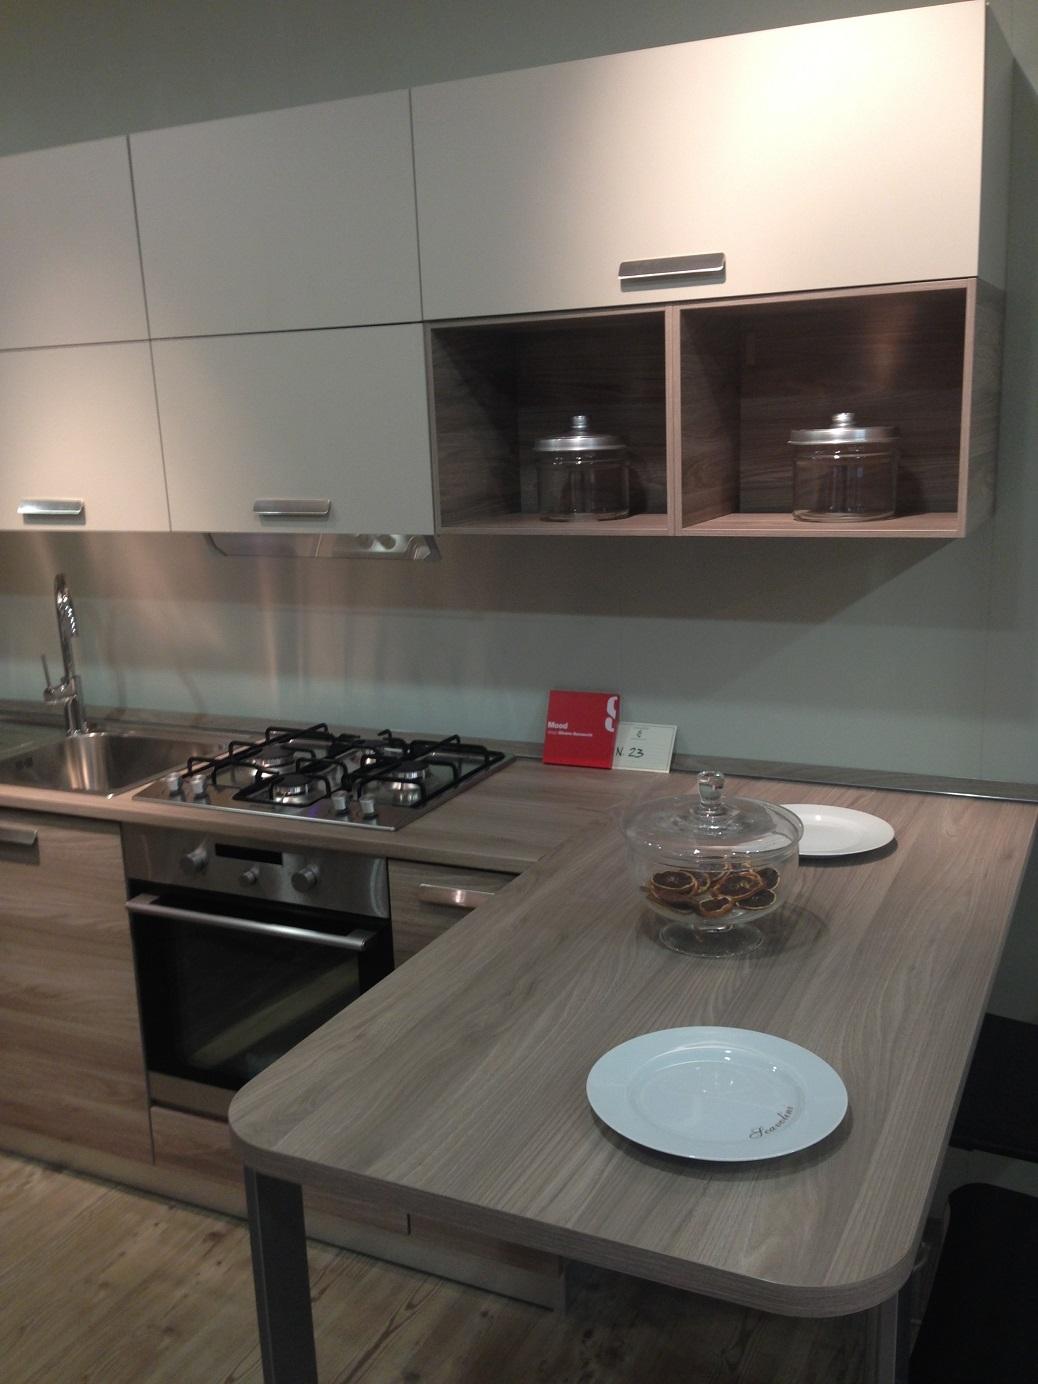 Scavolini modello Mood cucina scontata del 50% - Cucine a prezzi ...